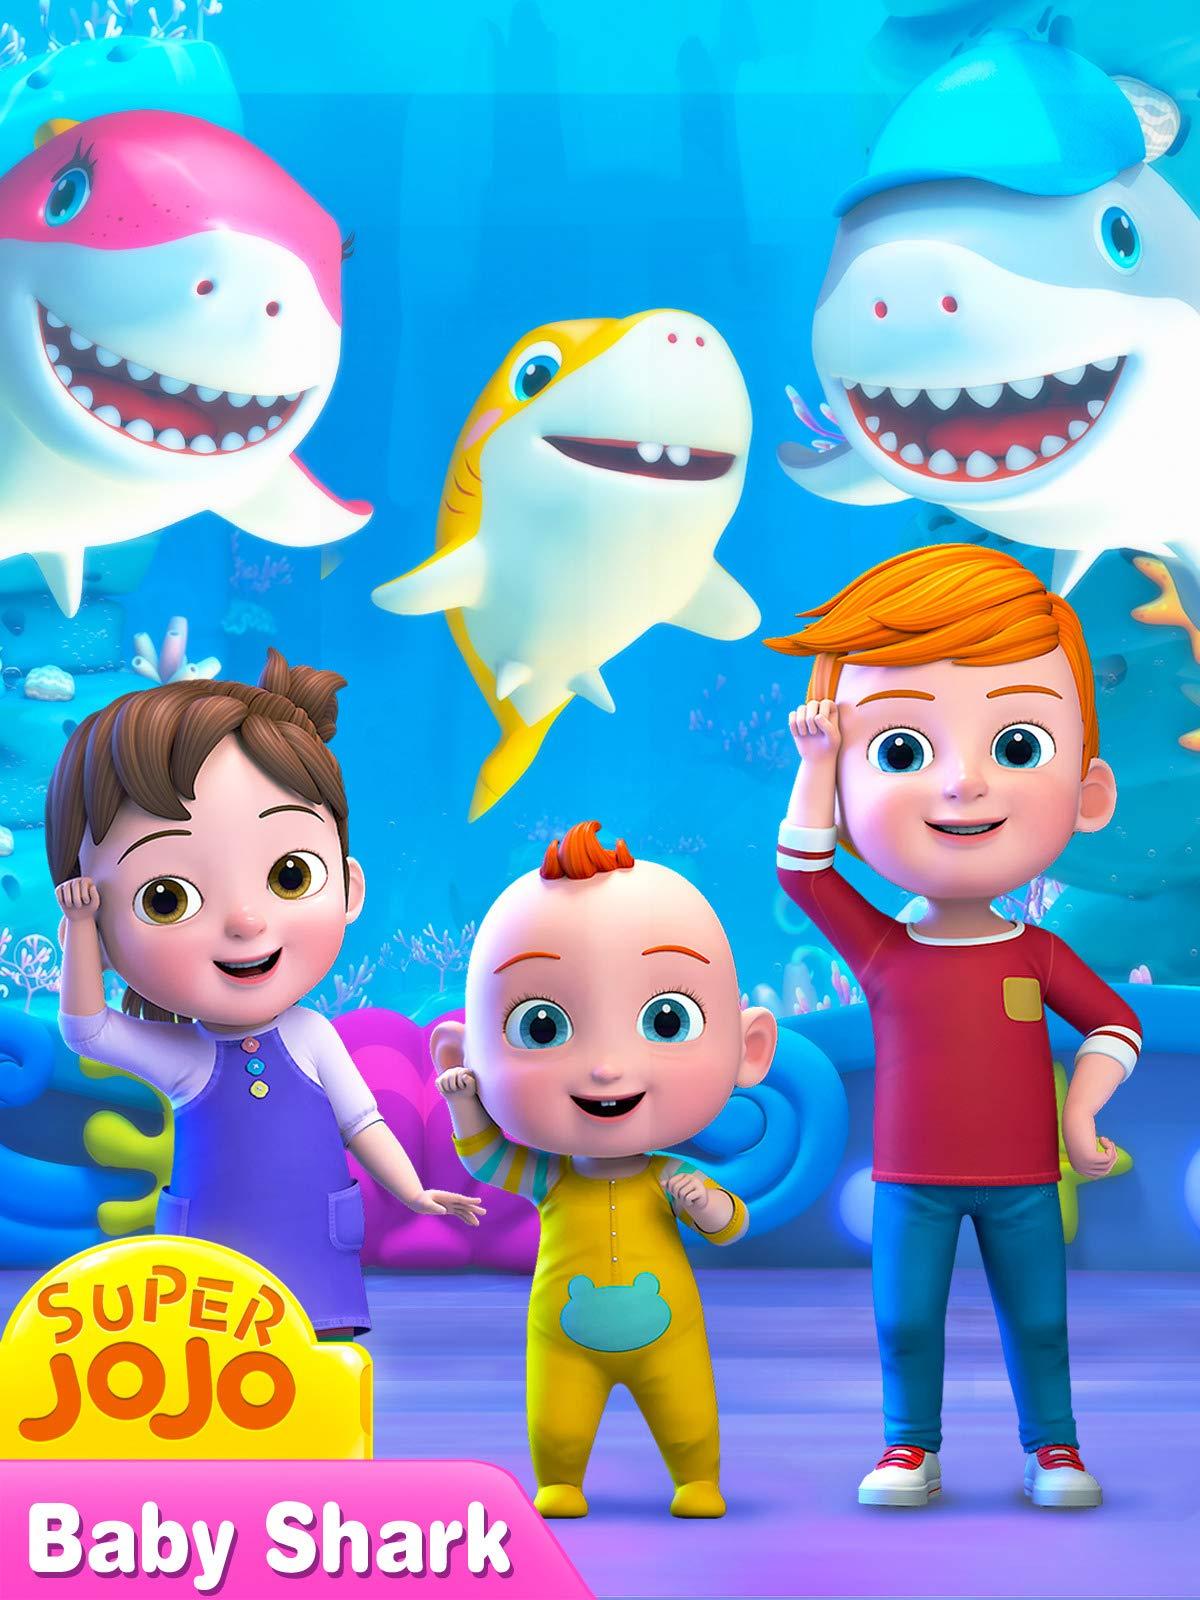 Super JoJo - Baby Shark